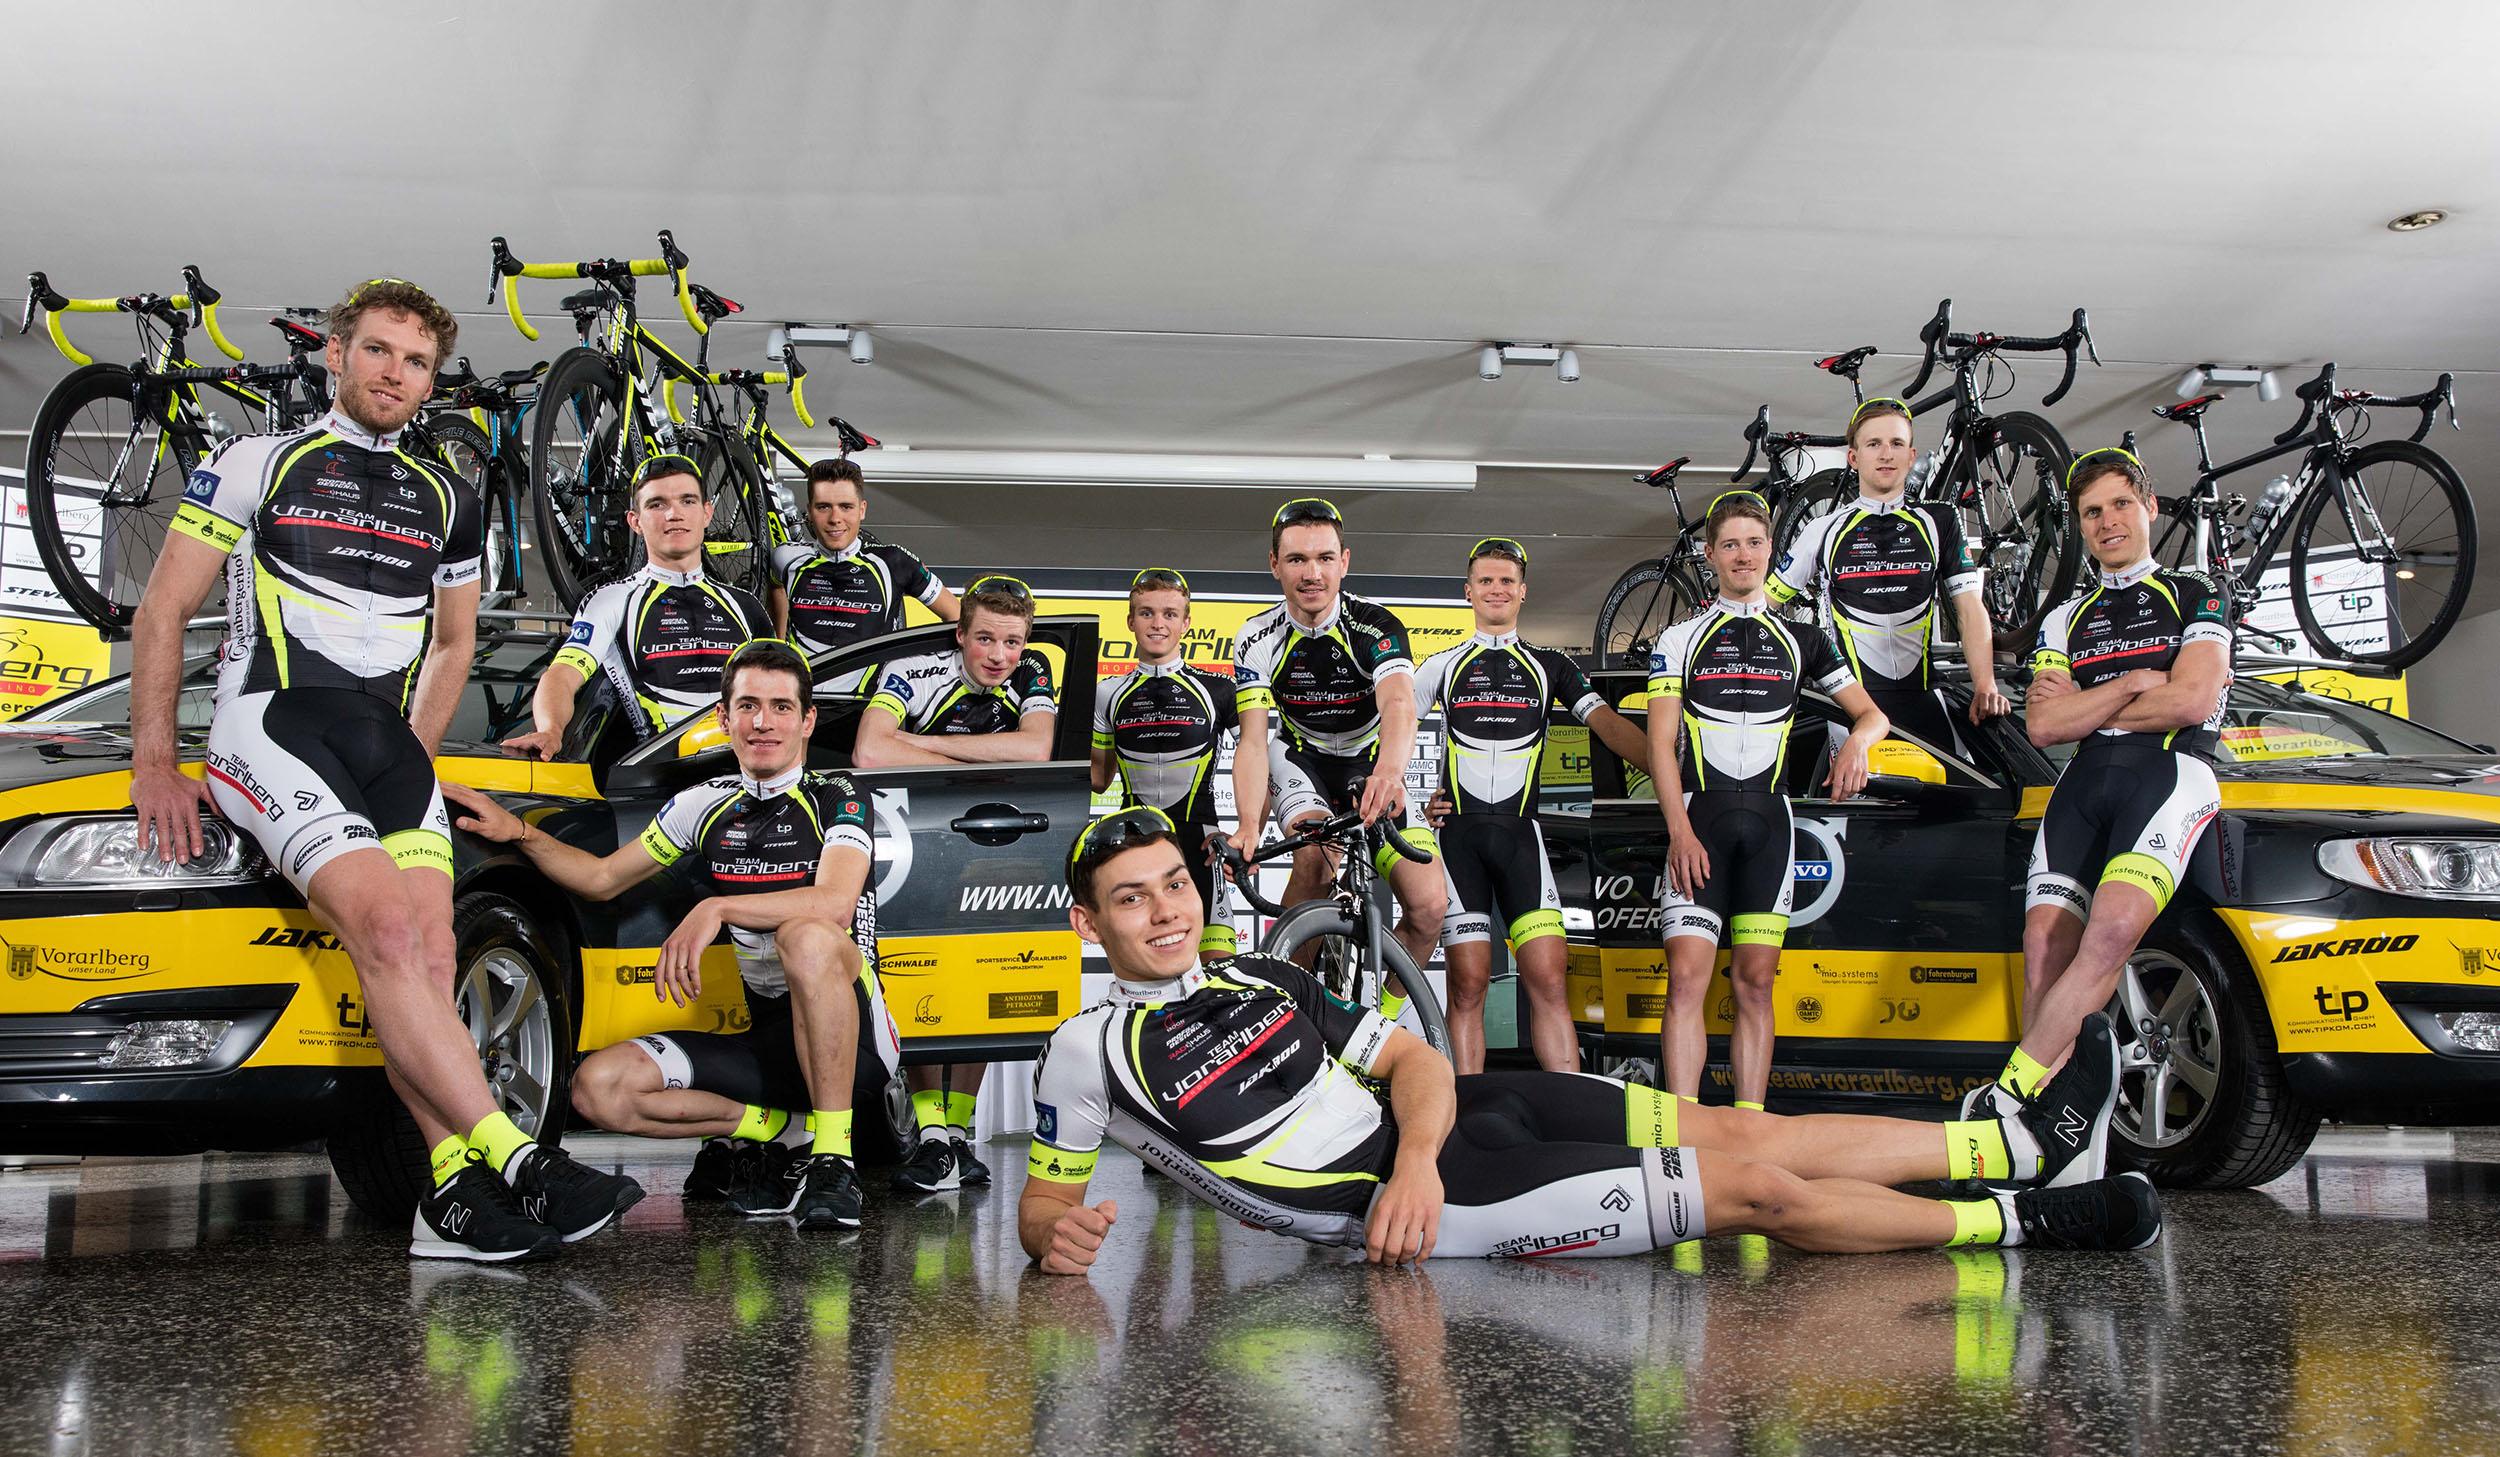 A Vorarlberg UCI kontinentális csapat - bal szélen Dér Zsolt